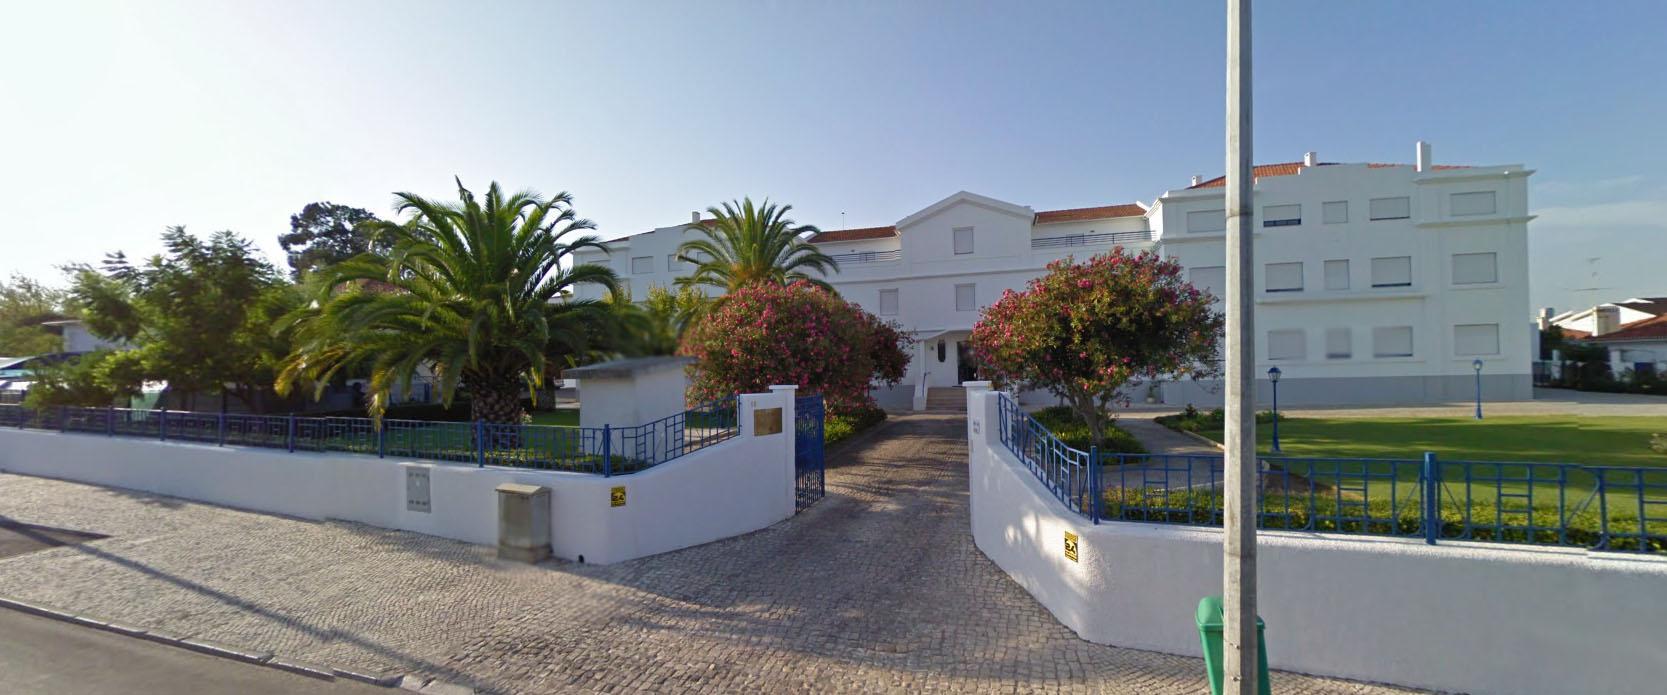 Casa de Retiros Irmãs de S. José de Cluny